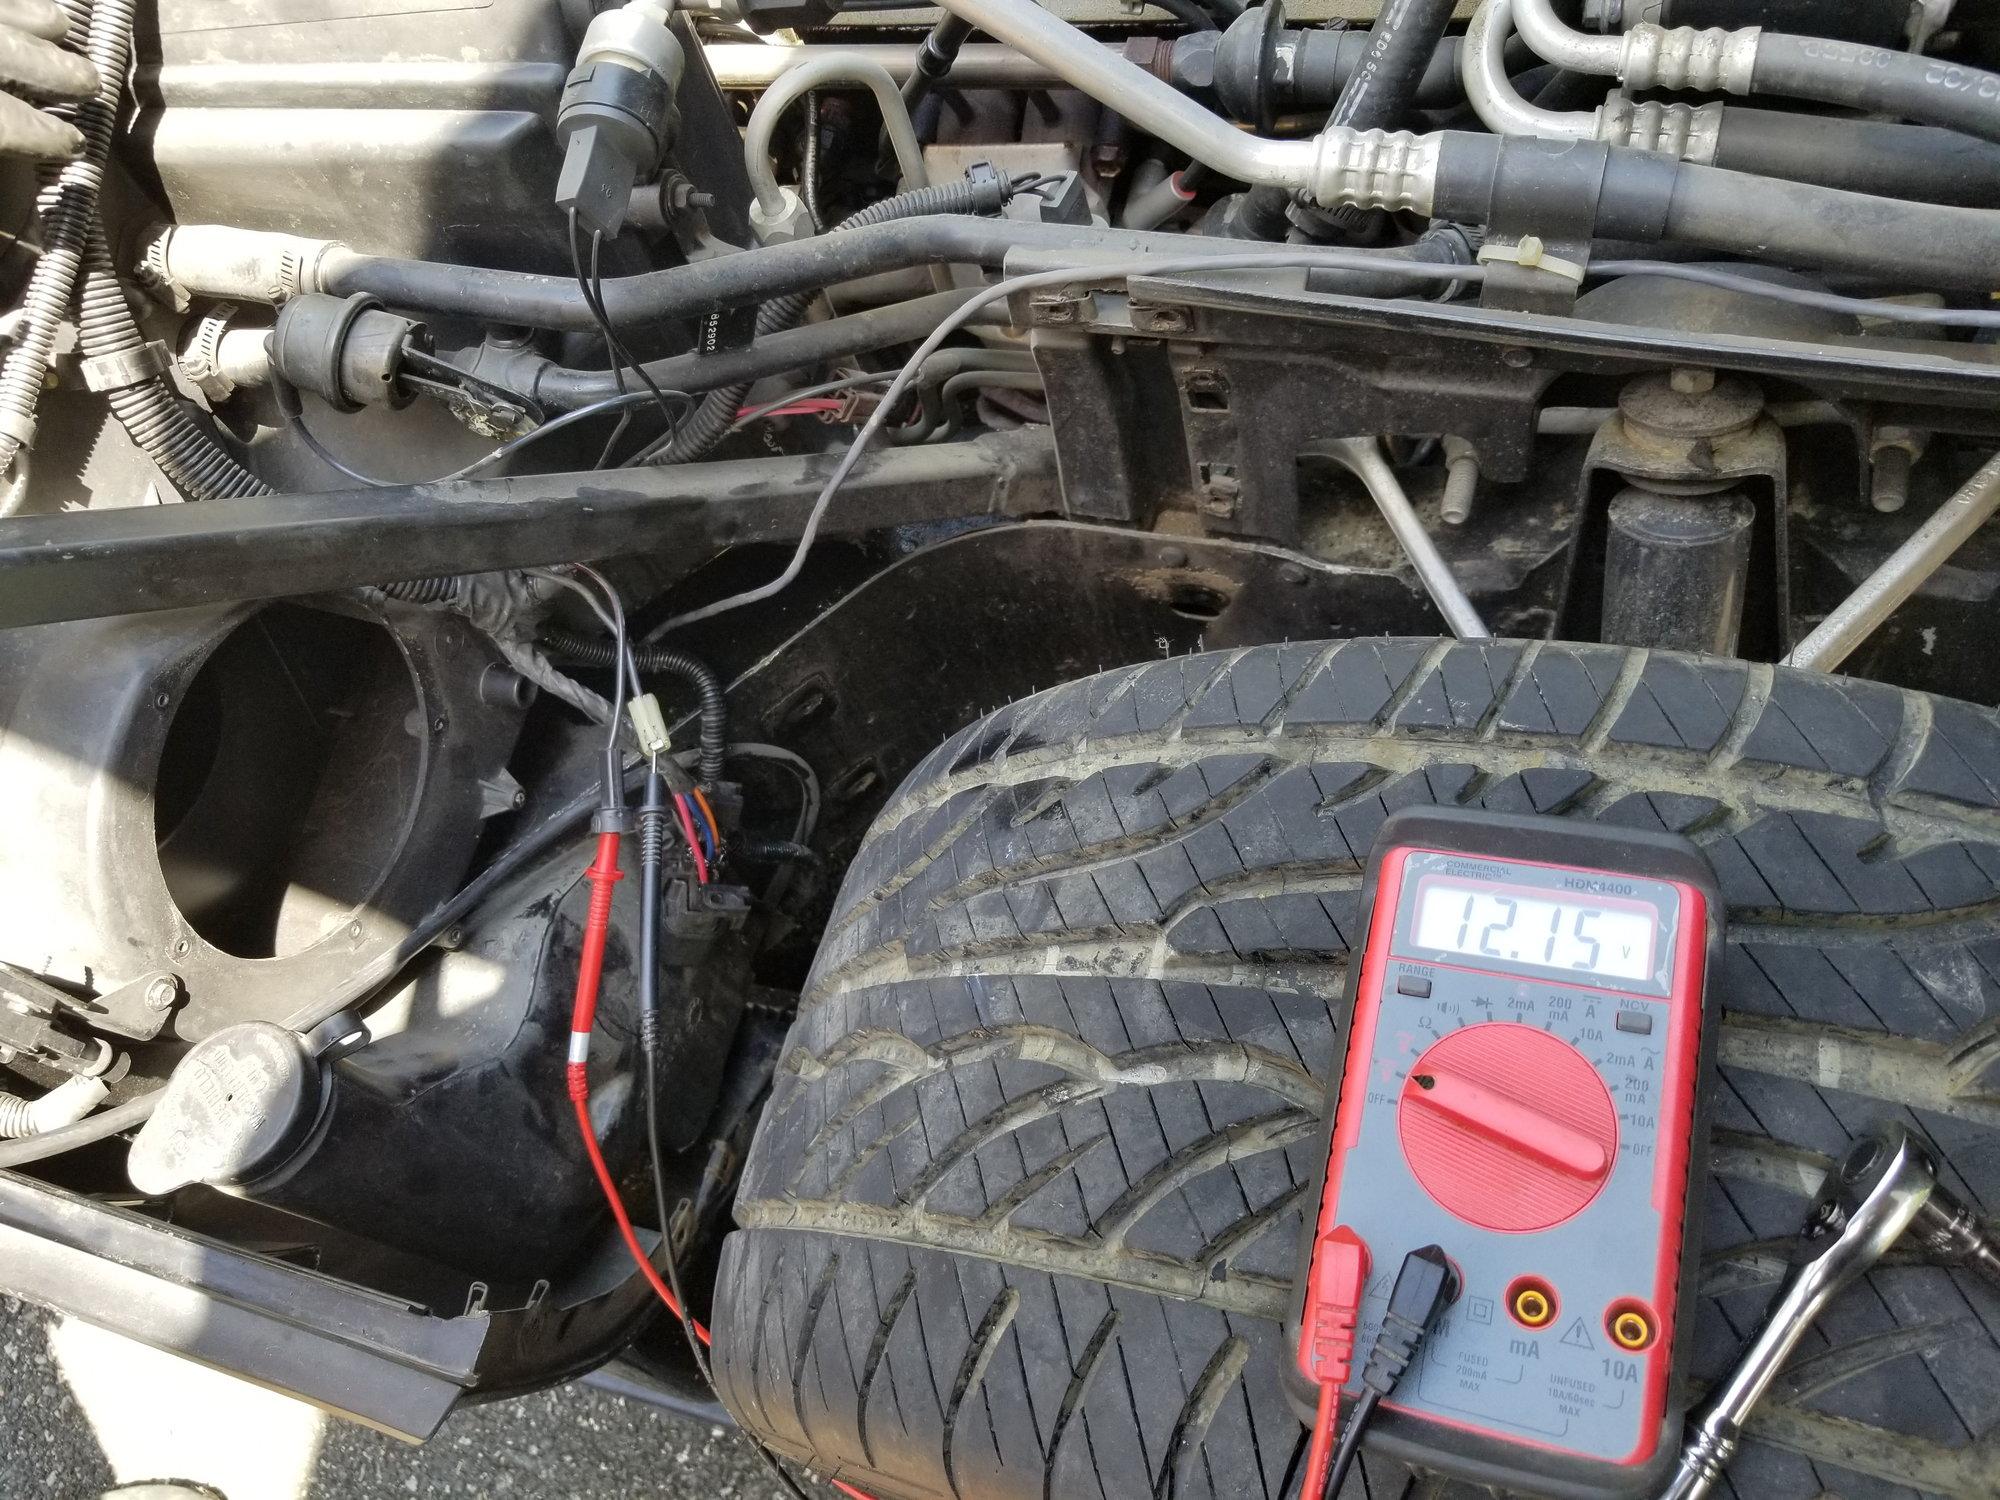 Blower motor not working - CorvetteForum - Chevrolet